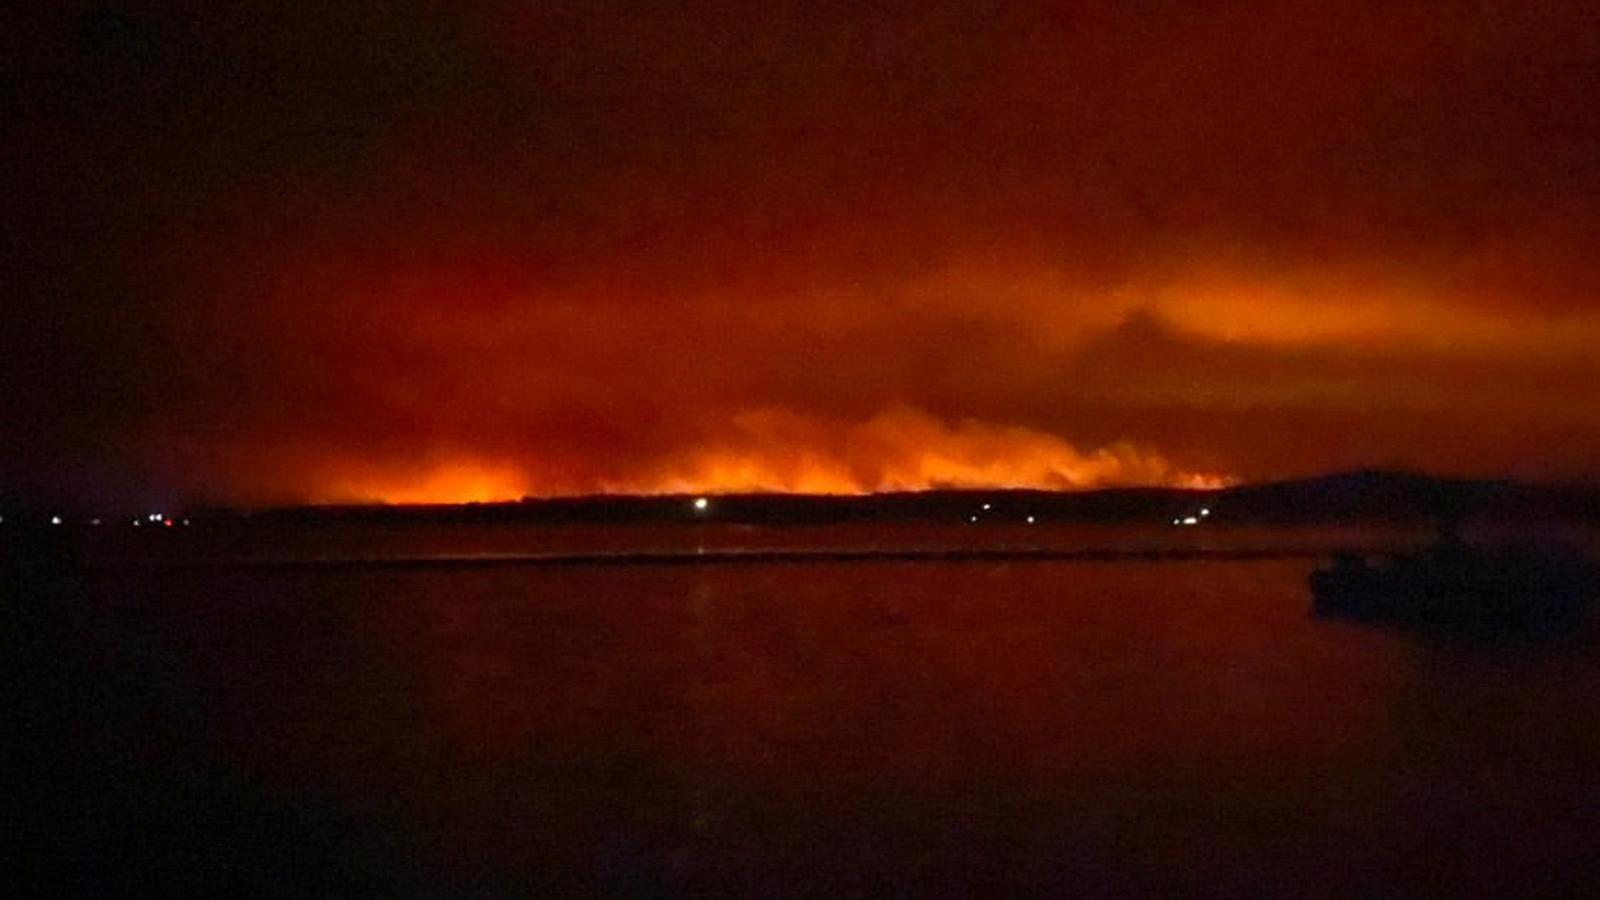 Claus per entendre els devastadors incendis a Austràlia